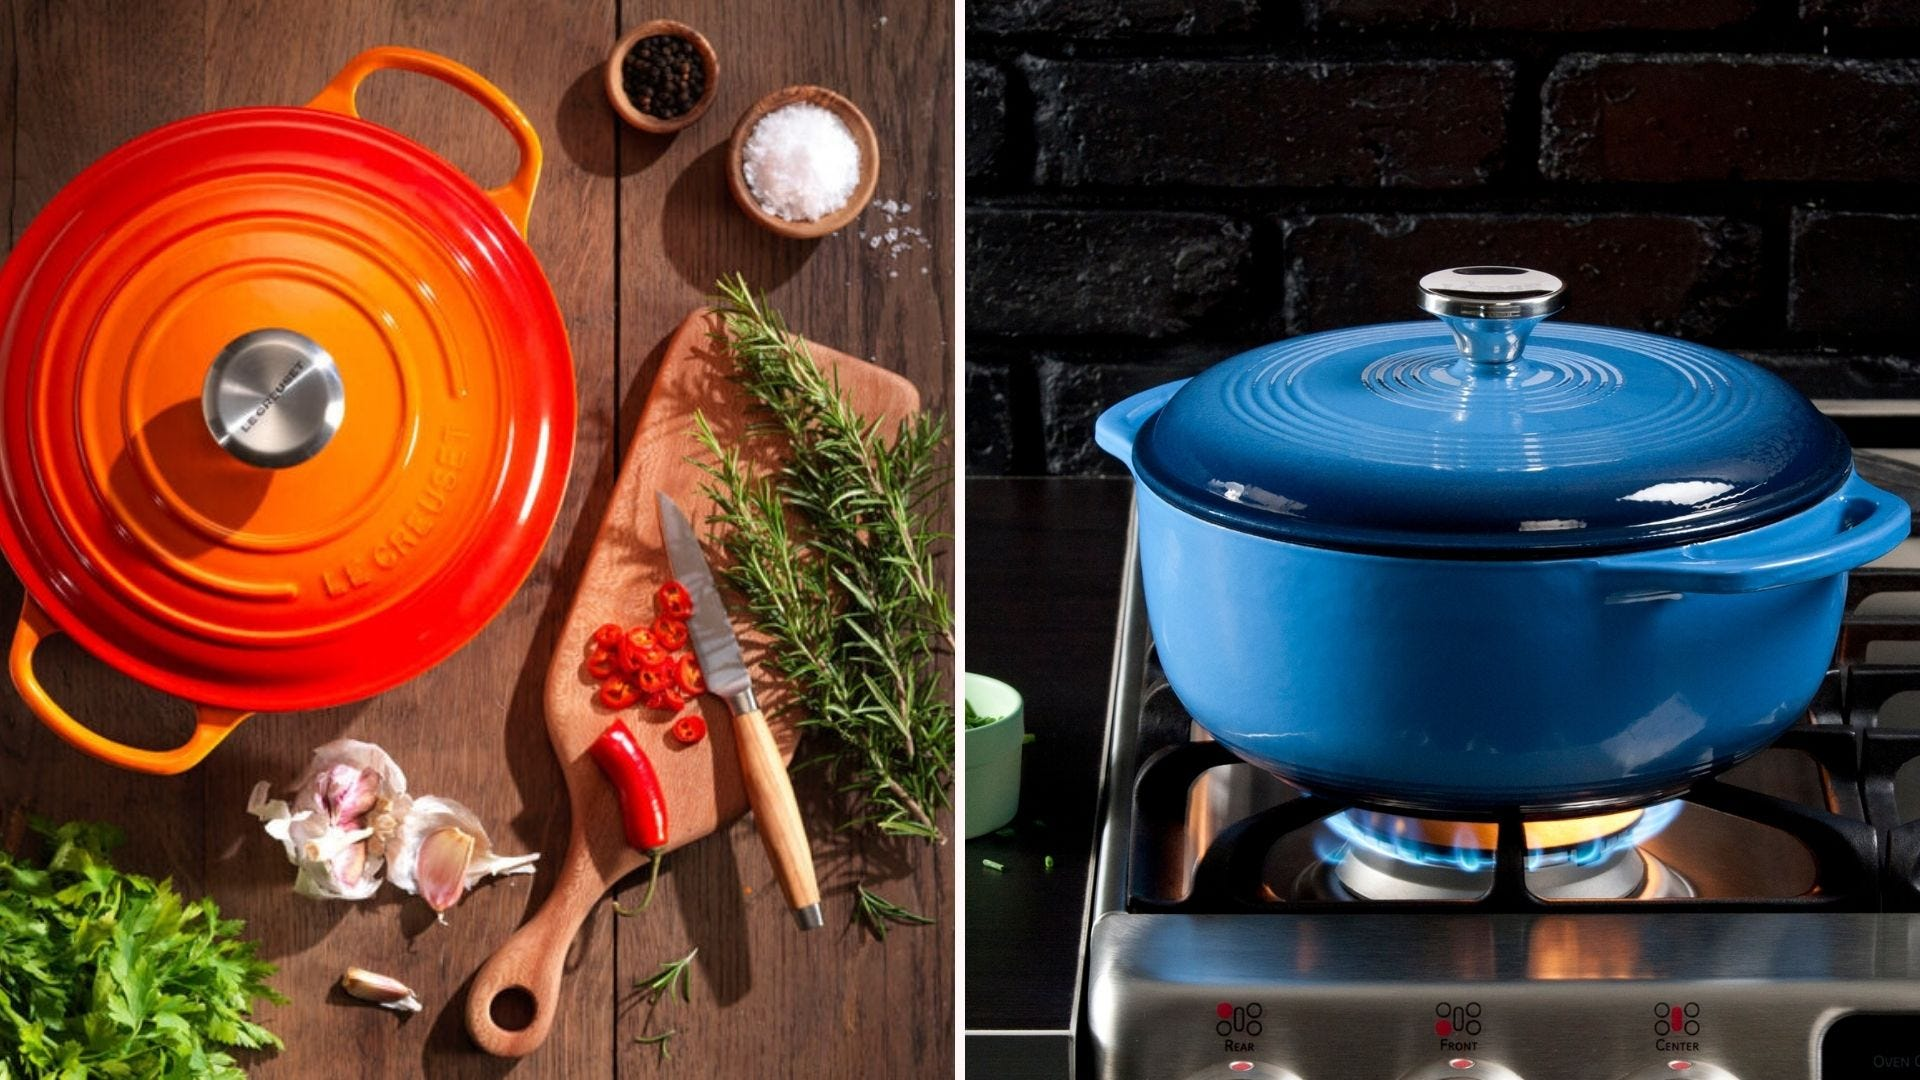 Two closed enameled cast iron Dutch ovens (one orange, one blue)